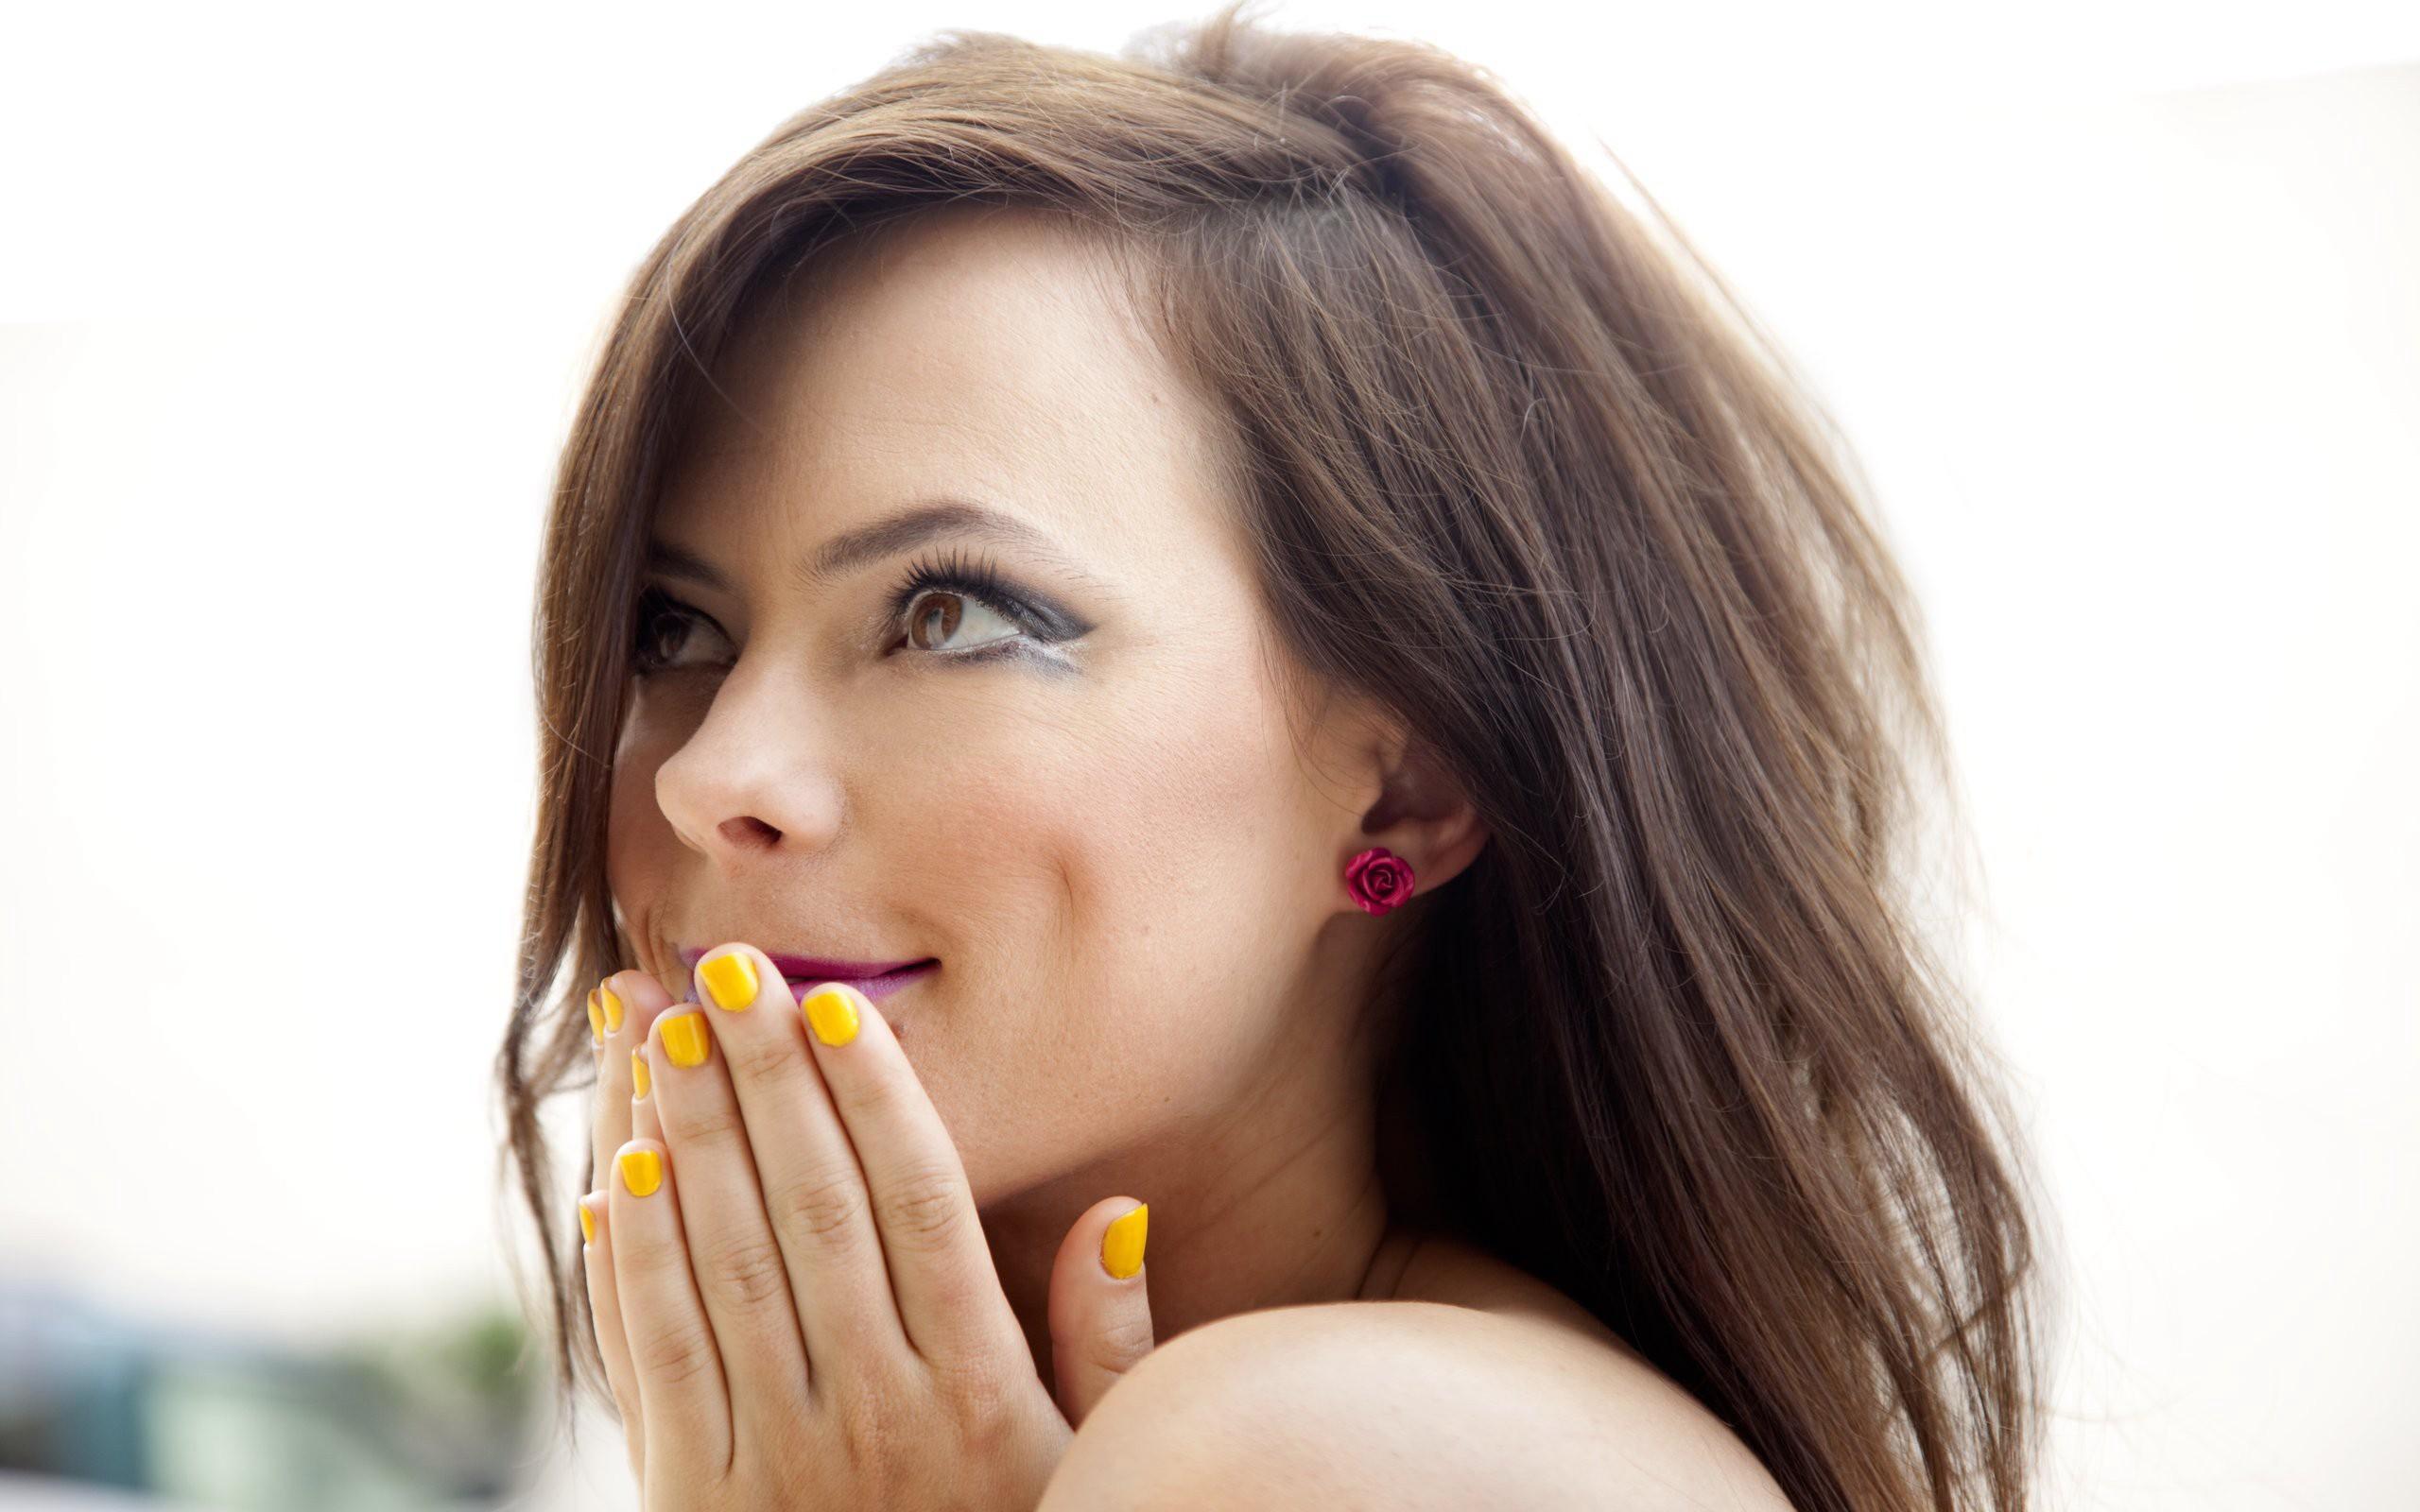 Chica bella y uñas de amarillo - 2560x1600